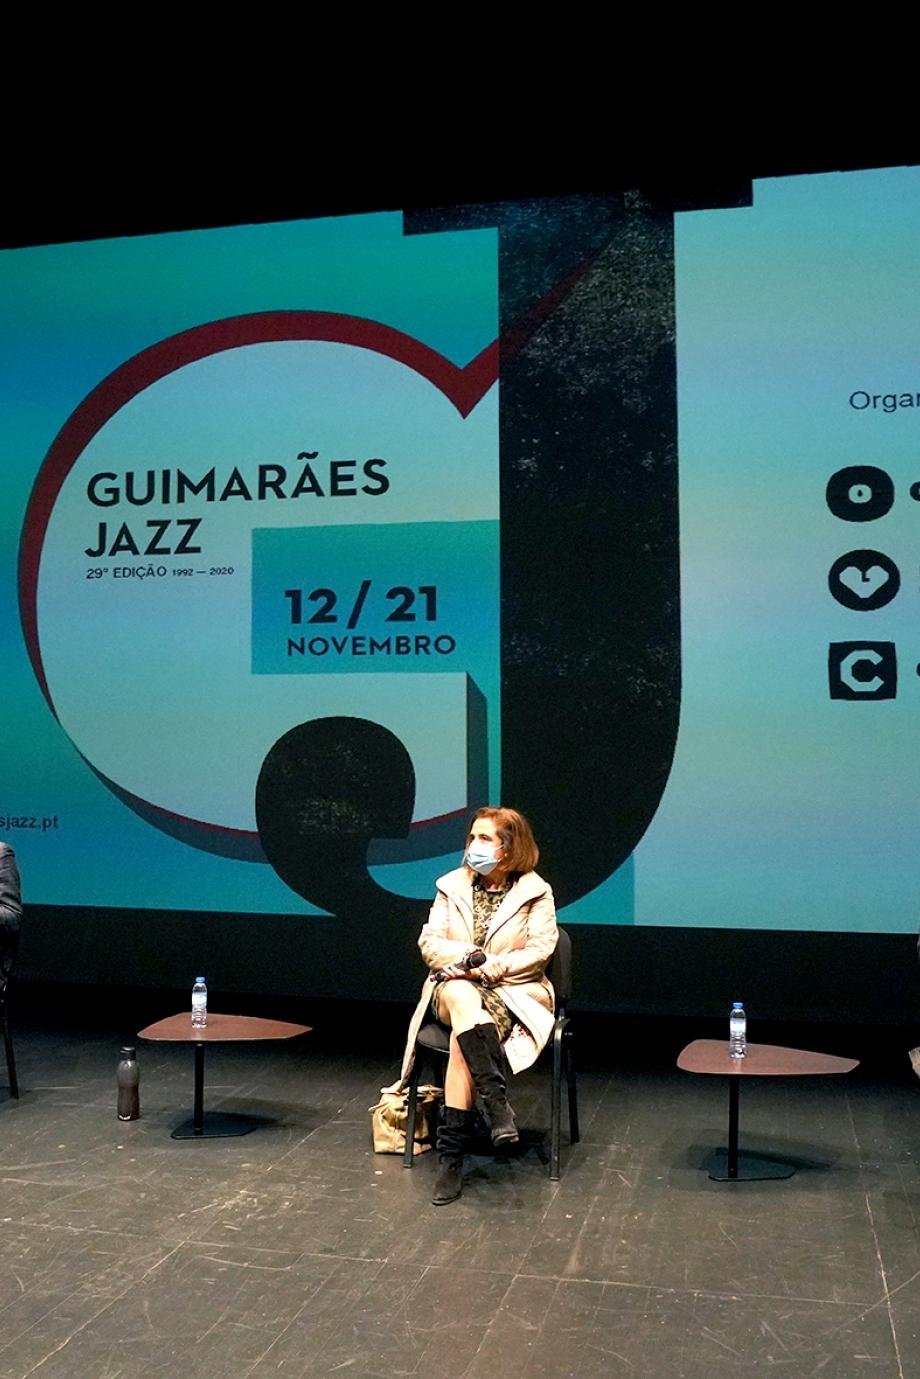 GC_blog_Programacao_Guimaraes_Jazz_adaptada_em_cumprimento_com_regras